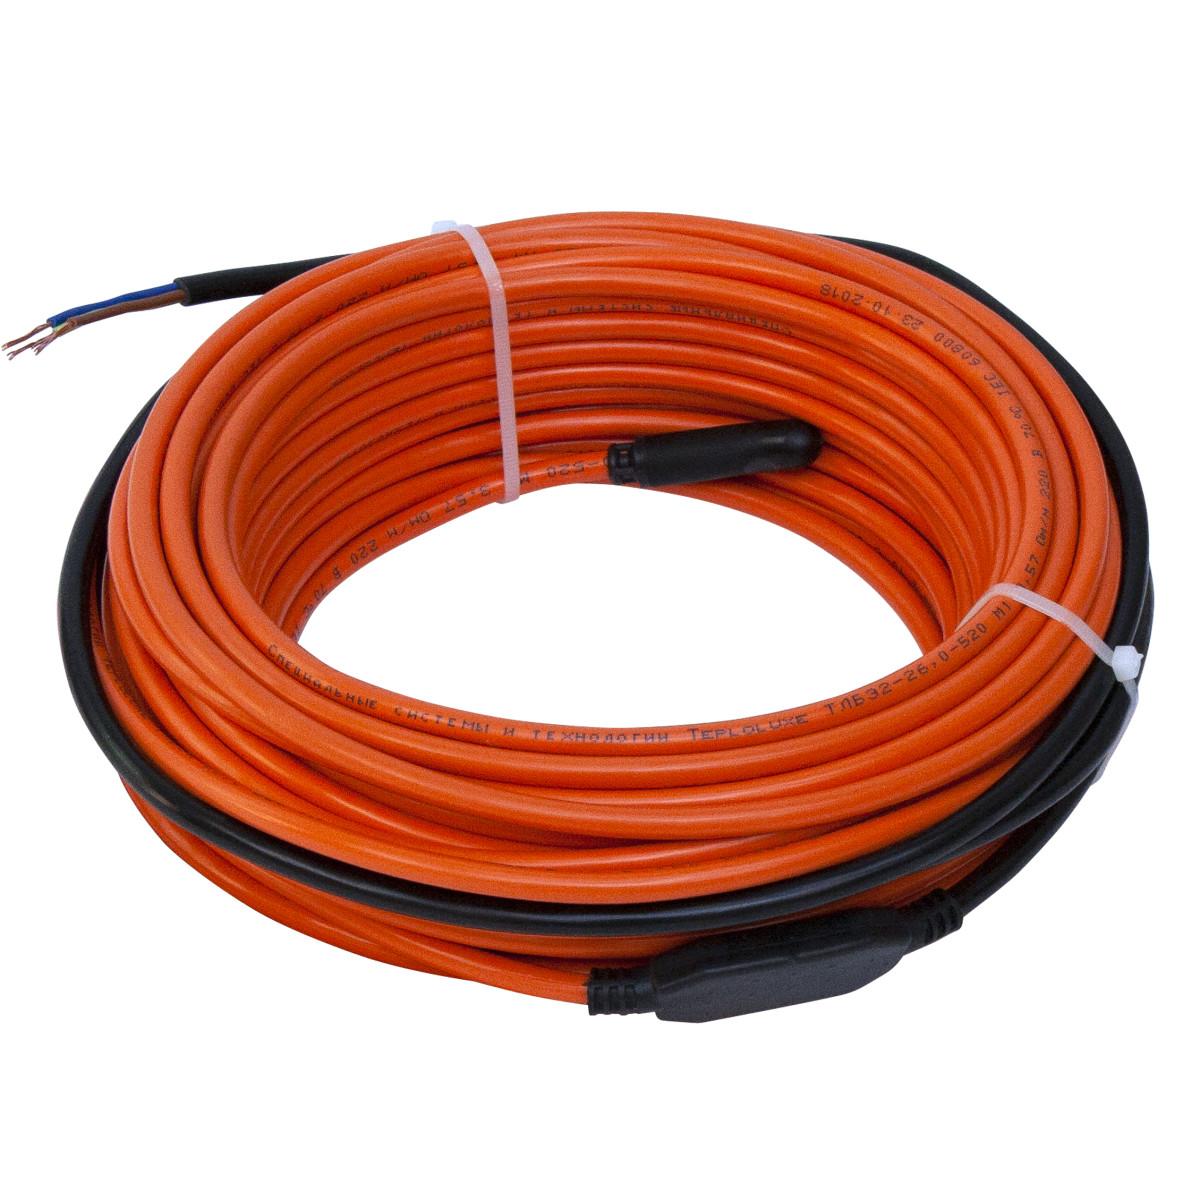 Нагревательный кабель для теплого пола Теплолюкс 23 м 420 Вт